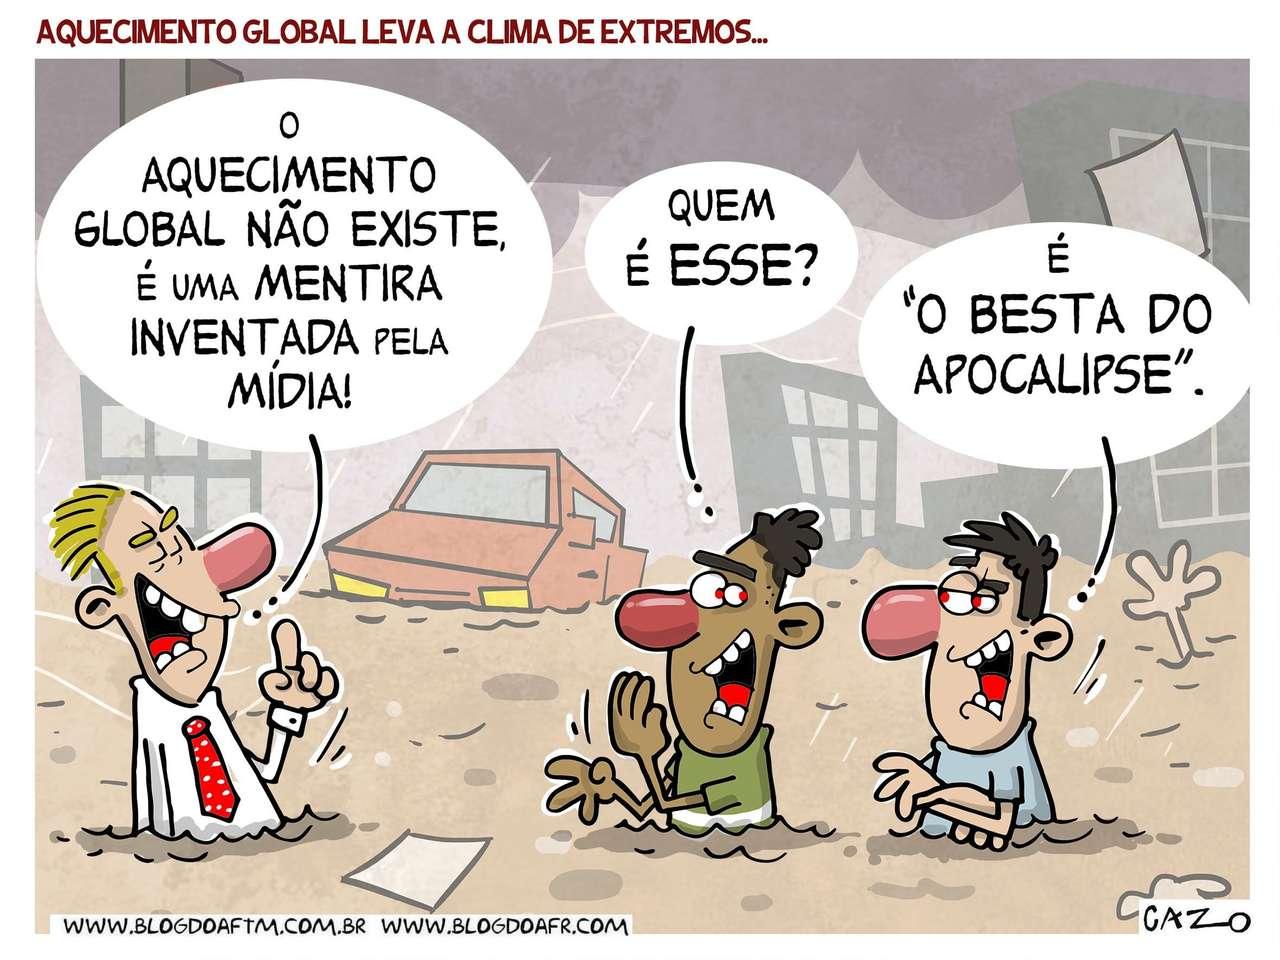 παγκόσμια υπερθέρμανση - Τάξη πορτογαλικής γλώσσας (9×7)